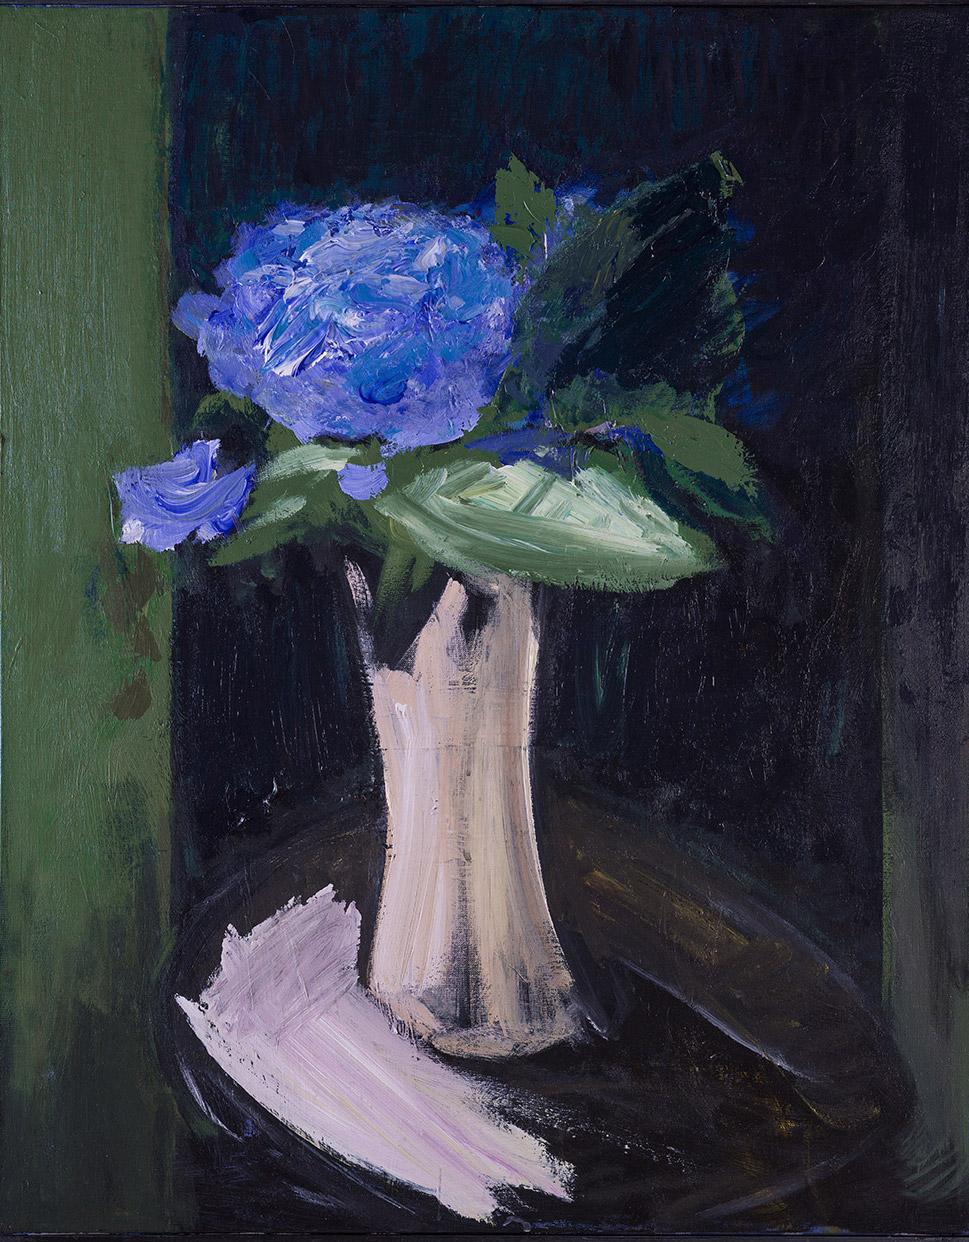 Tableau d'Hortensias et vase blanc, de Patrice Giorda